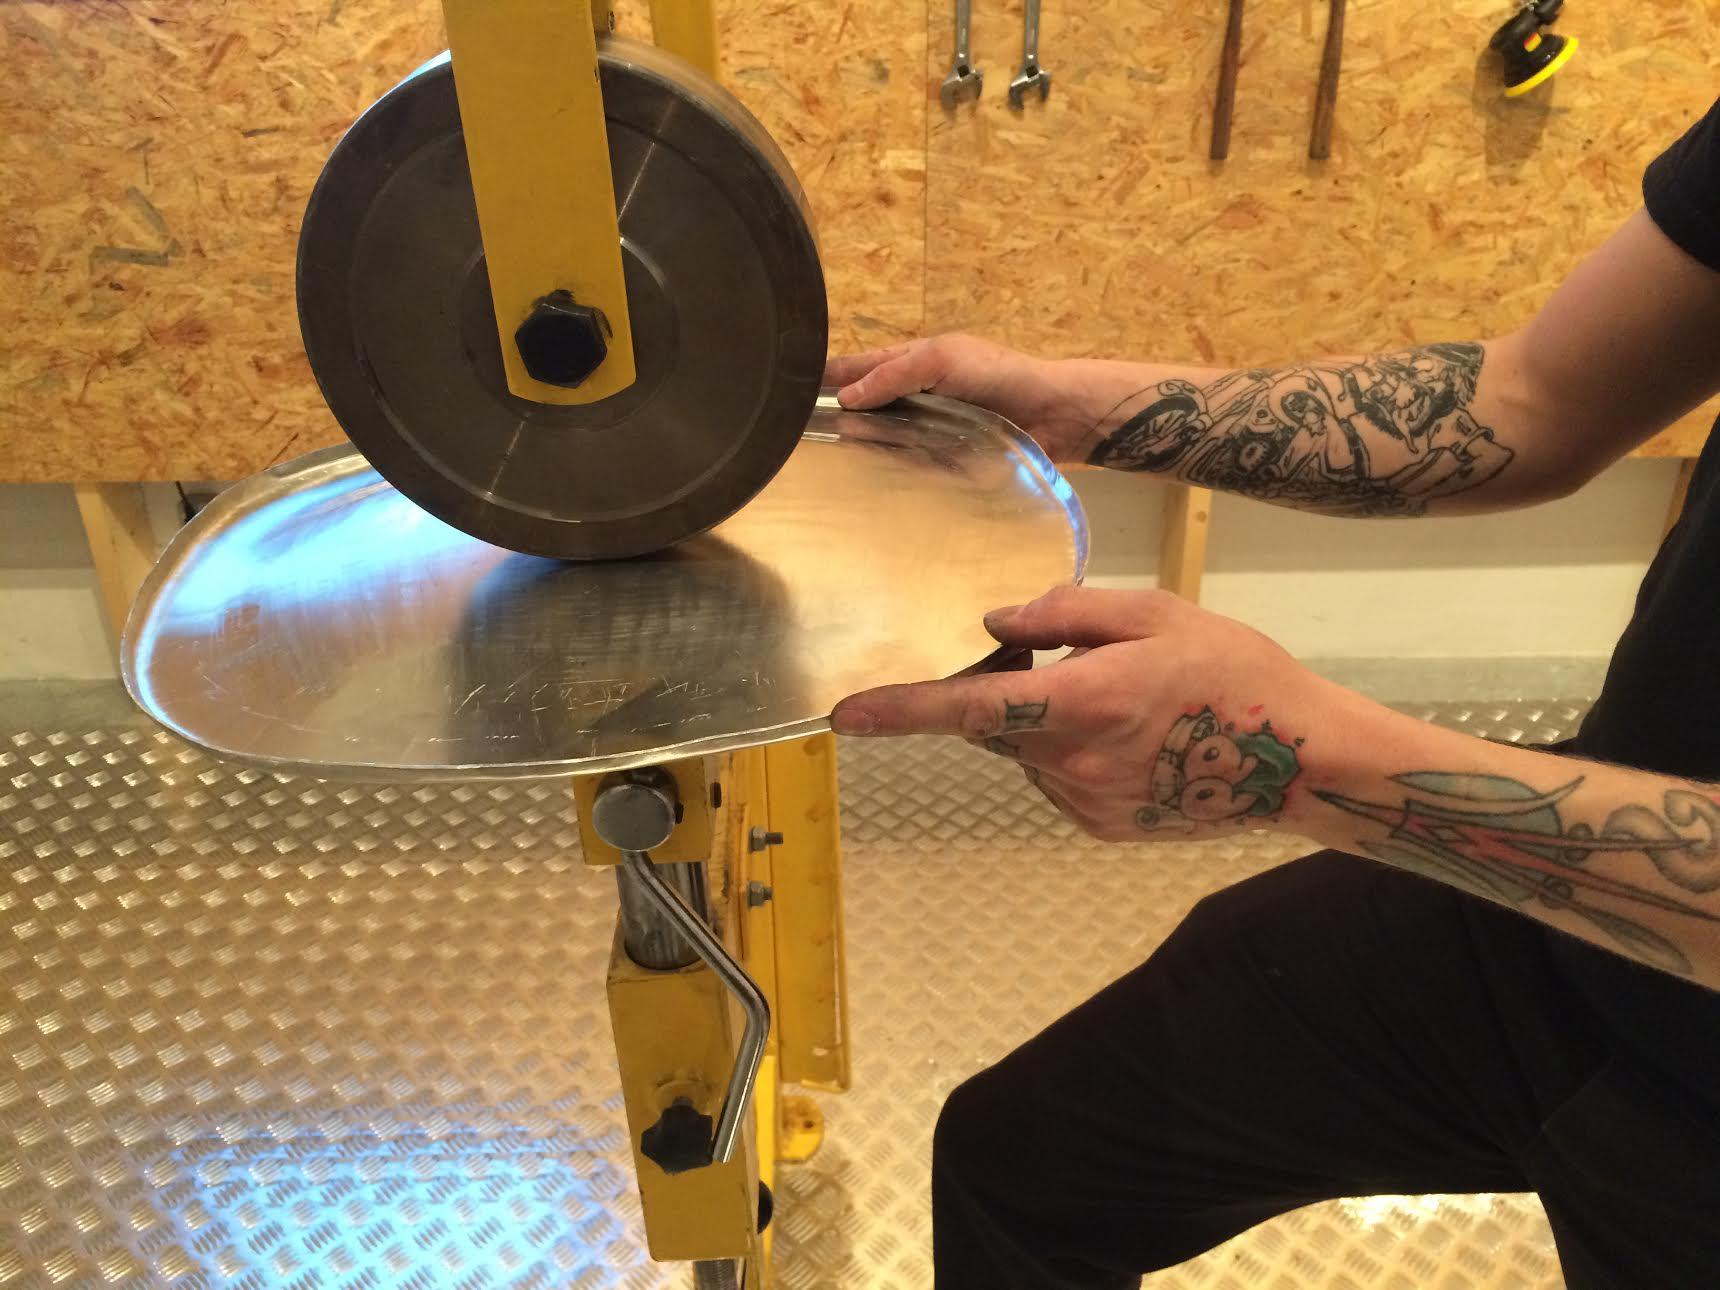 Making of Jasper Morrison's Handmade Chair